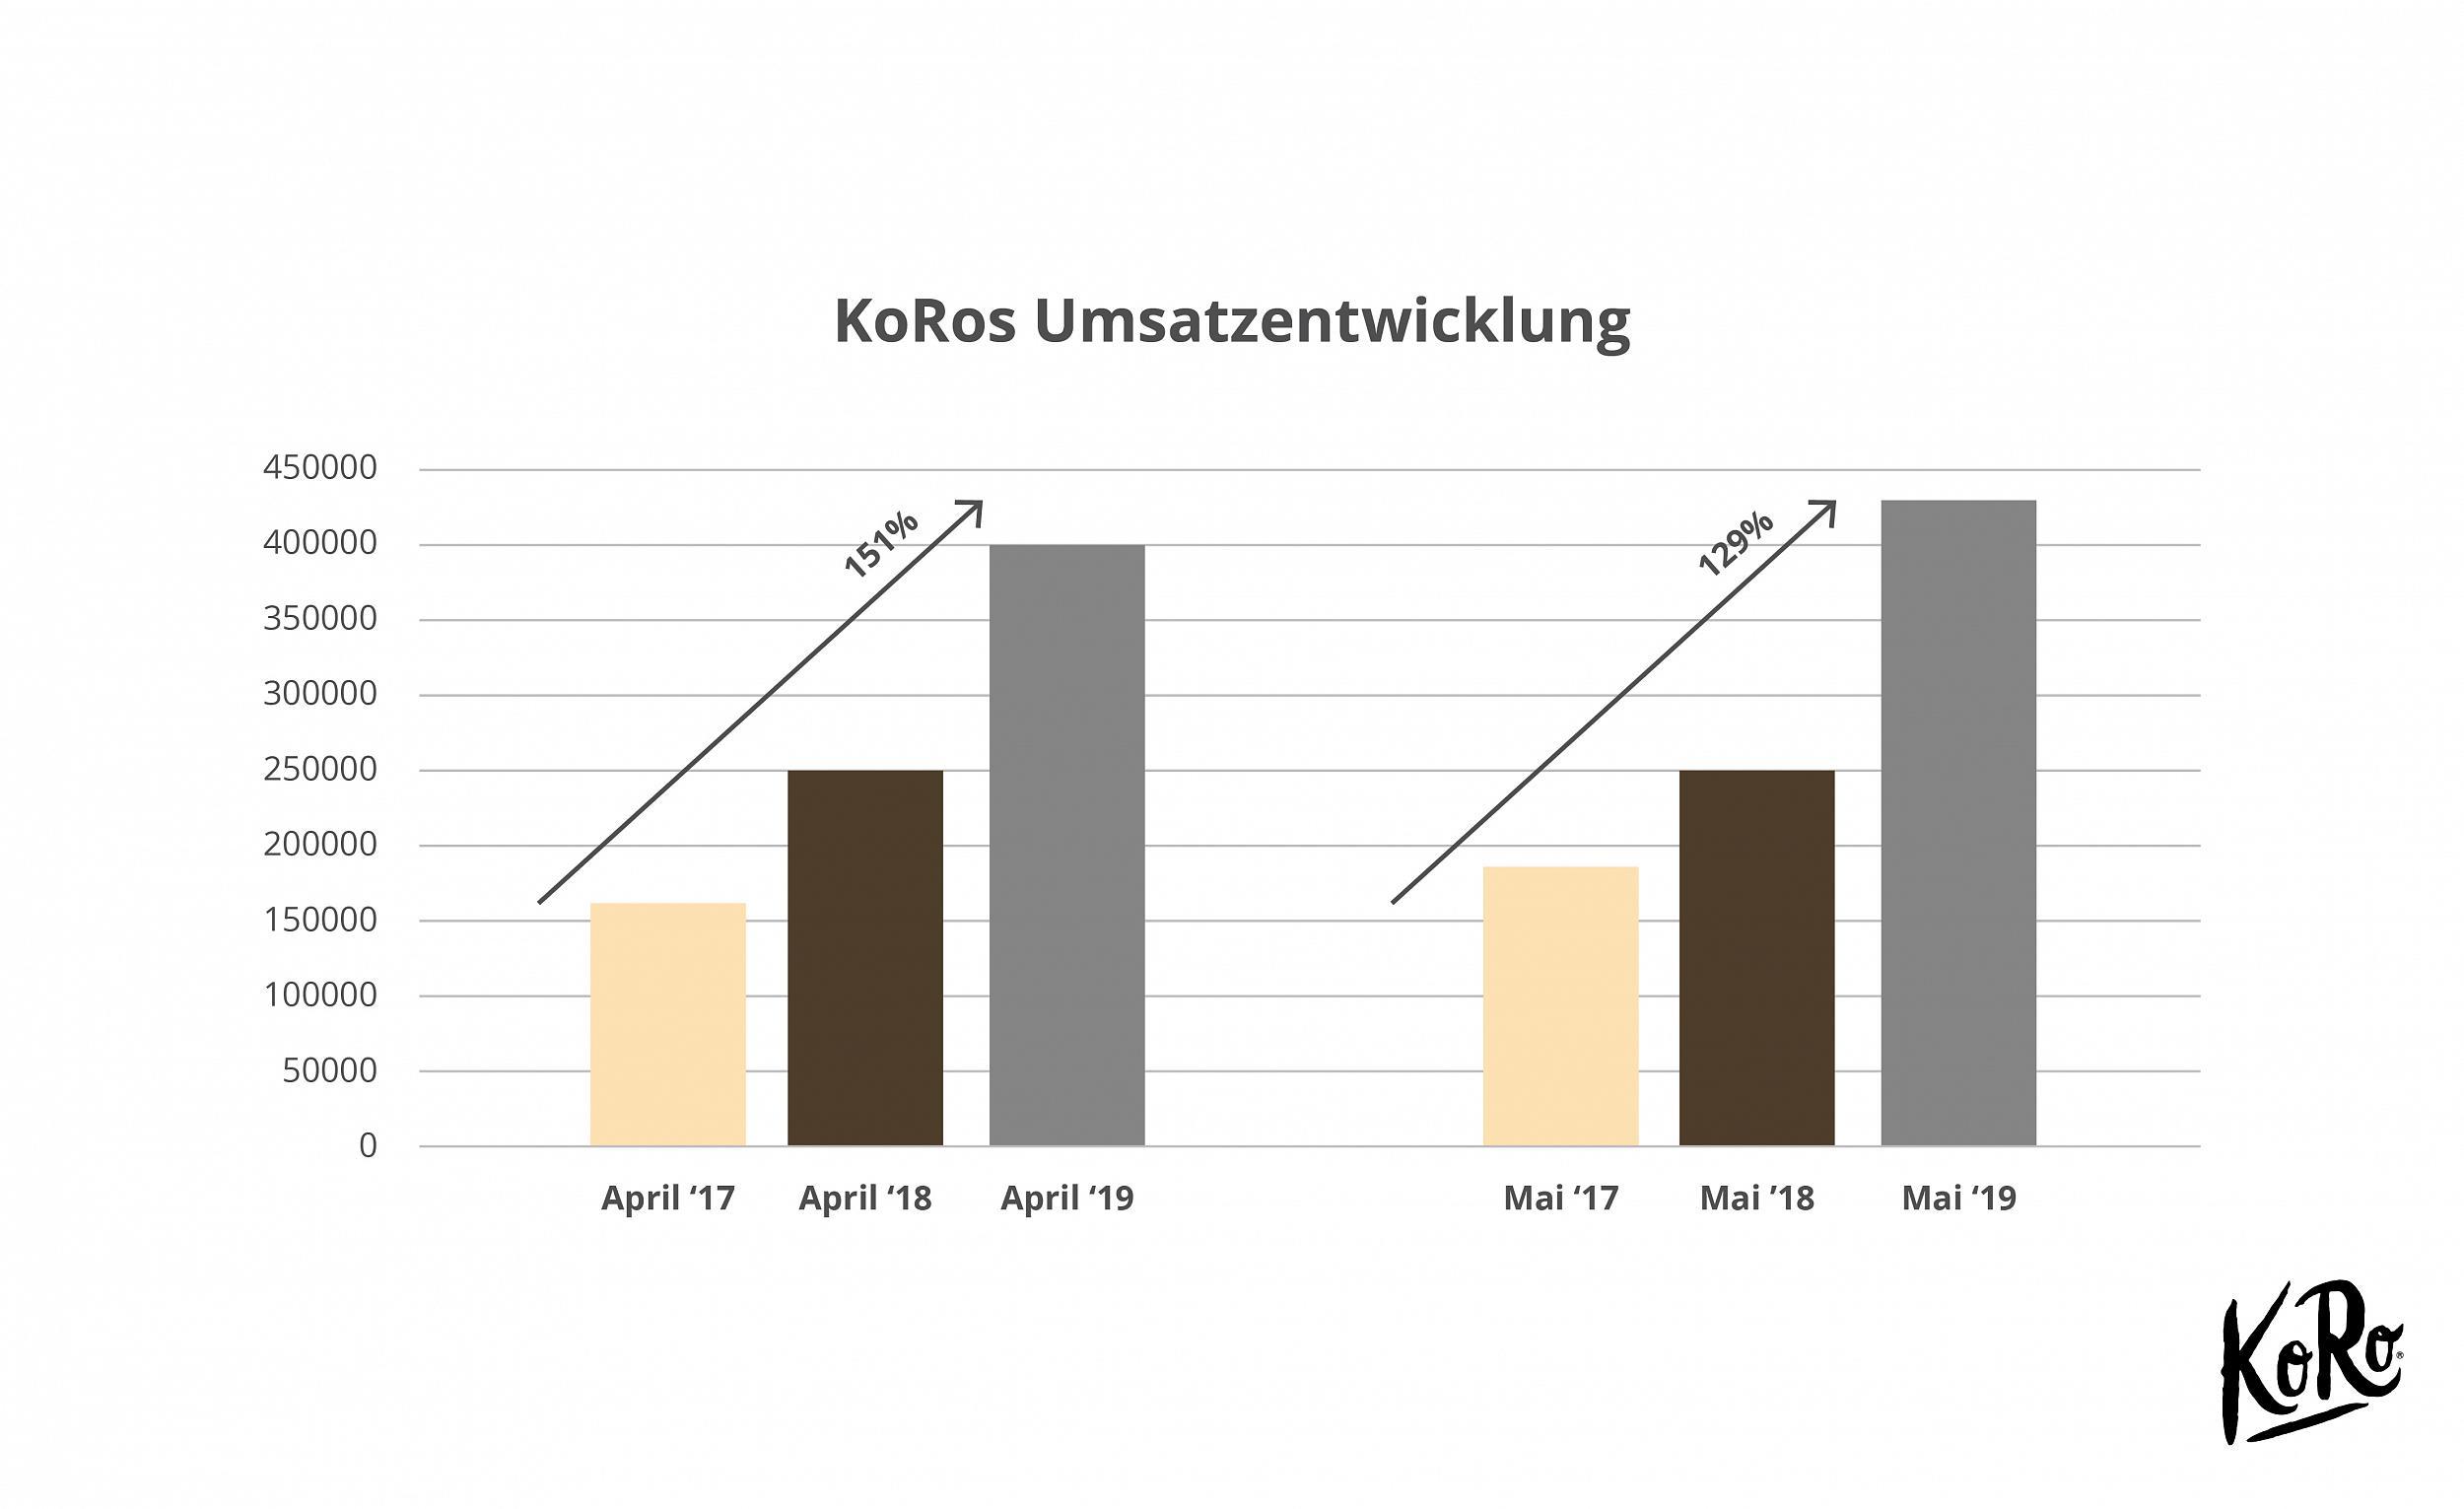 KoRo - Umsatz